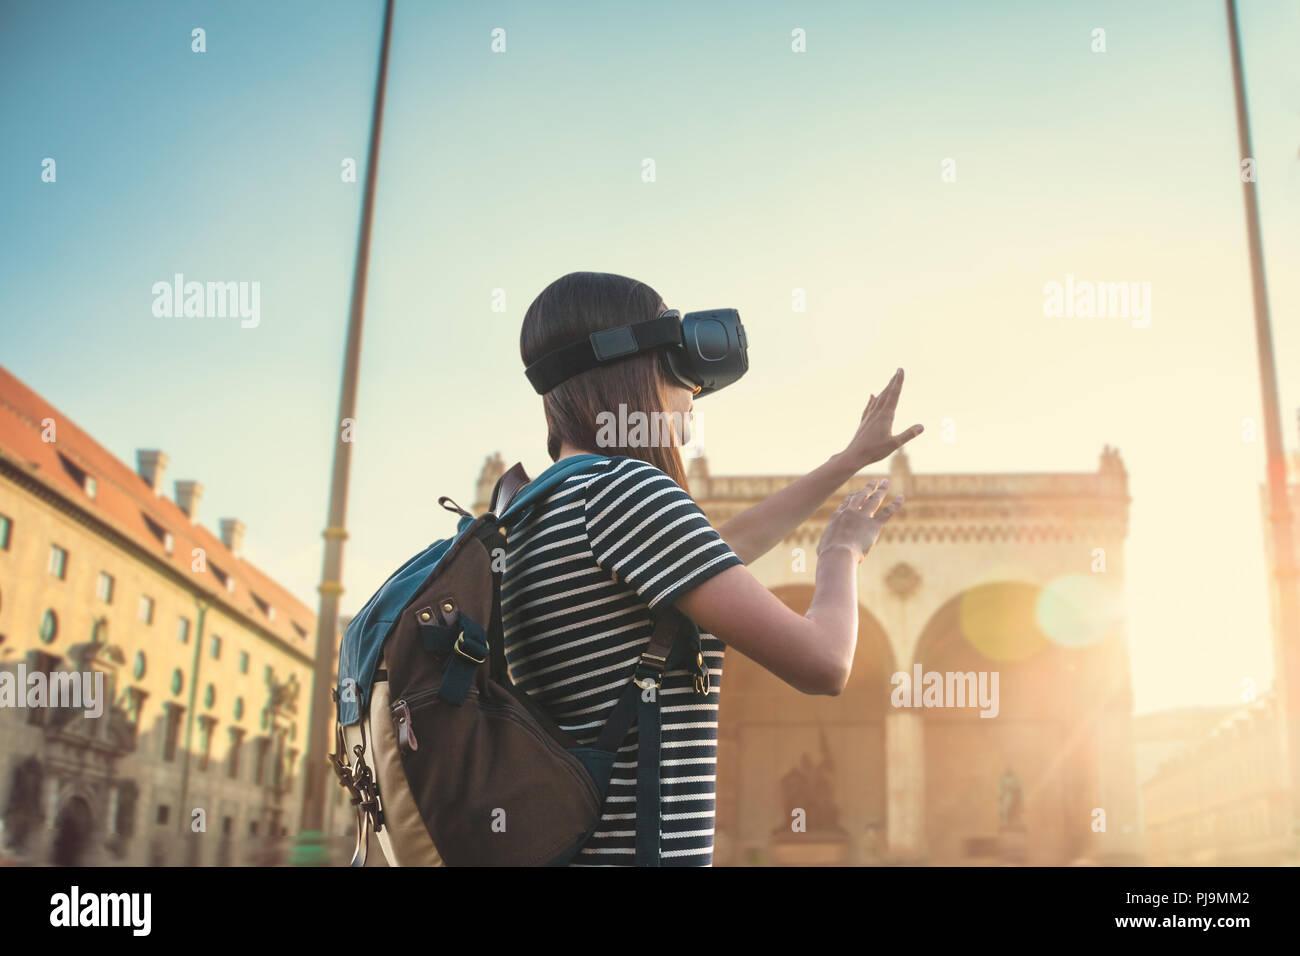 Mädchen Tourist in Gläser der Virtuellen Realität. Virtuelle Reise nach Deutschland. Das Konzept der virtuellen Tourismus. Im Hintergrund ist der Platz auf der Leopoldstraße in München. Stockbild